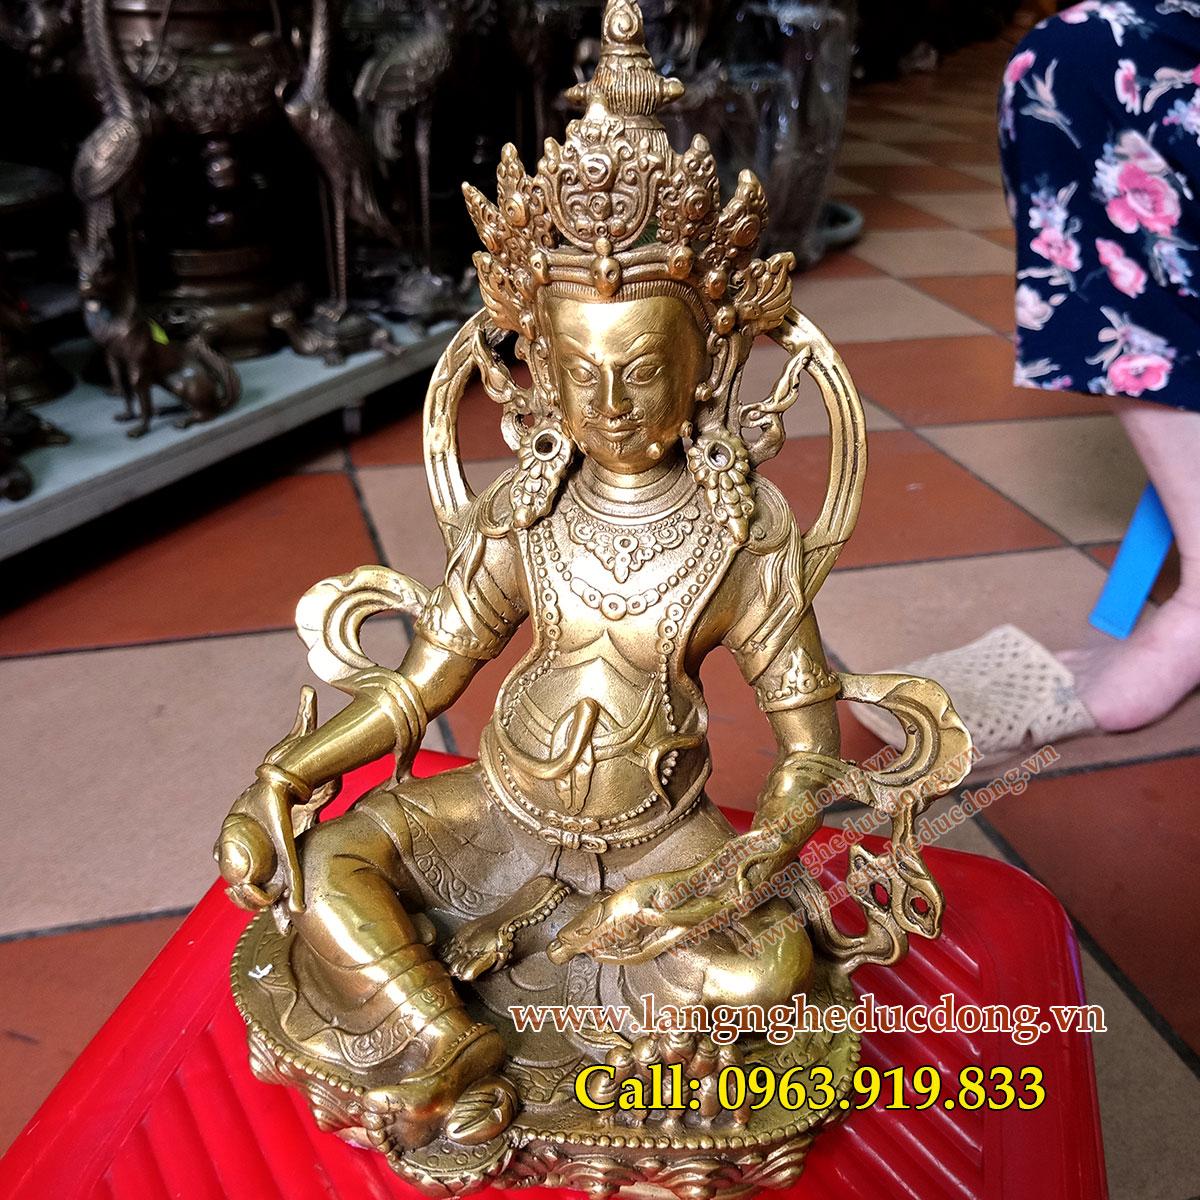 langngheducdong.vn - tượng hoàng thần tài, hoàng thần tài bằng đồng